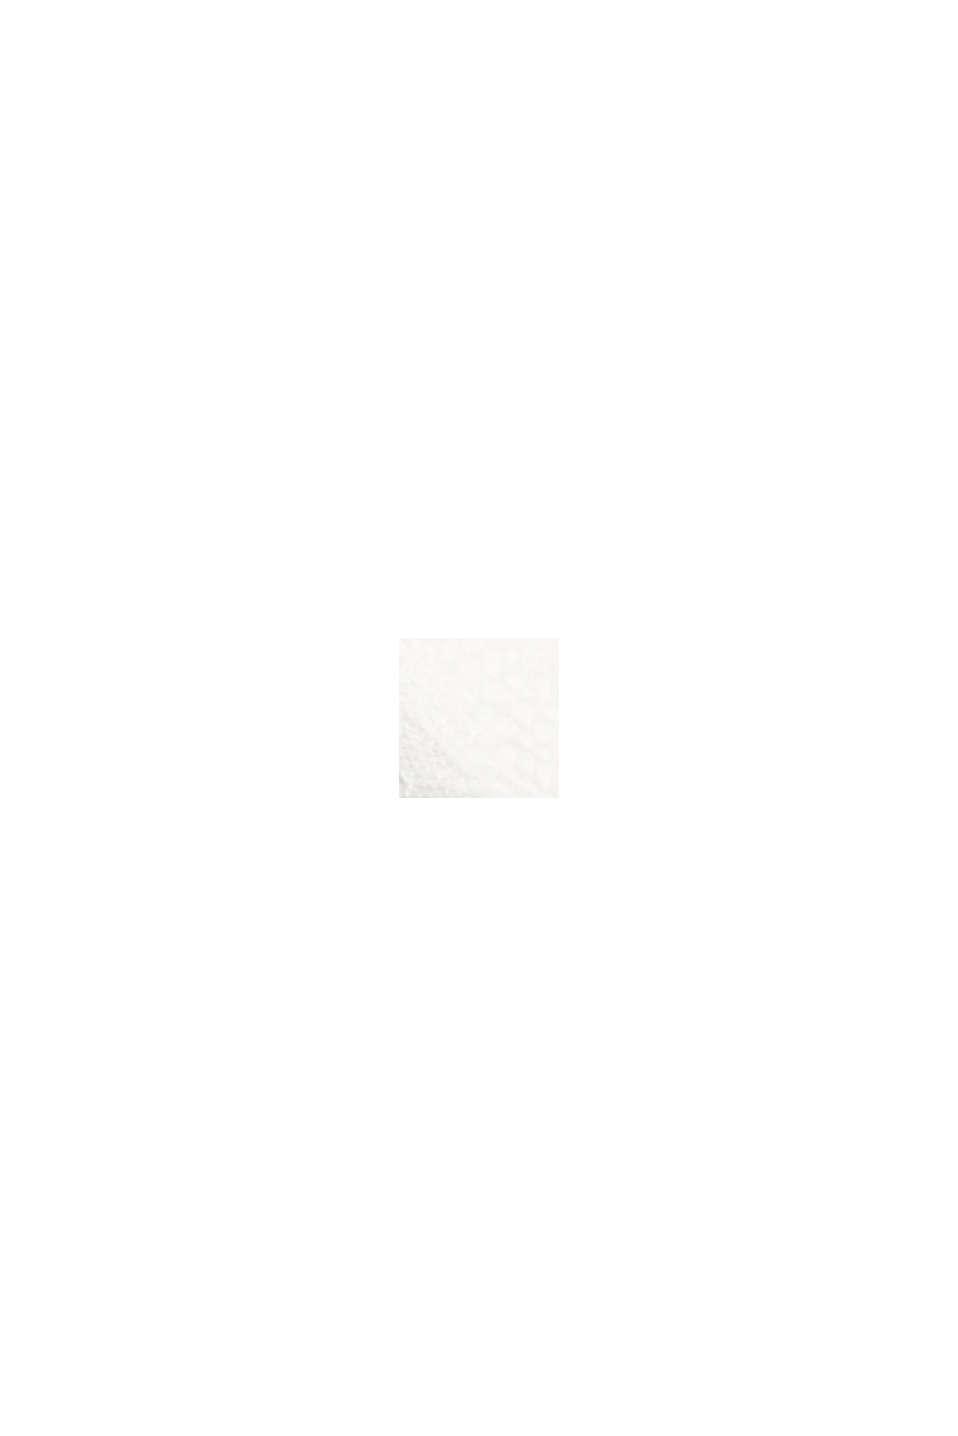 En matière recyclée: SG ouatiné orné de dentelle, OFF WHITE, swatch